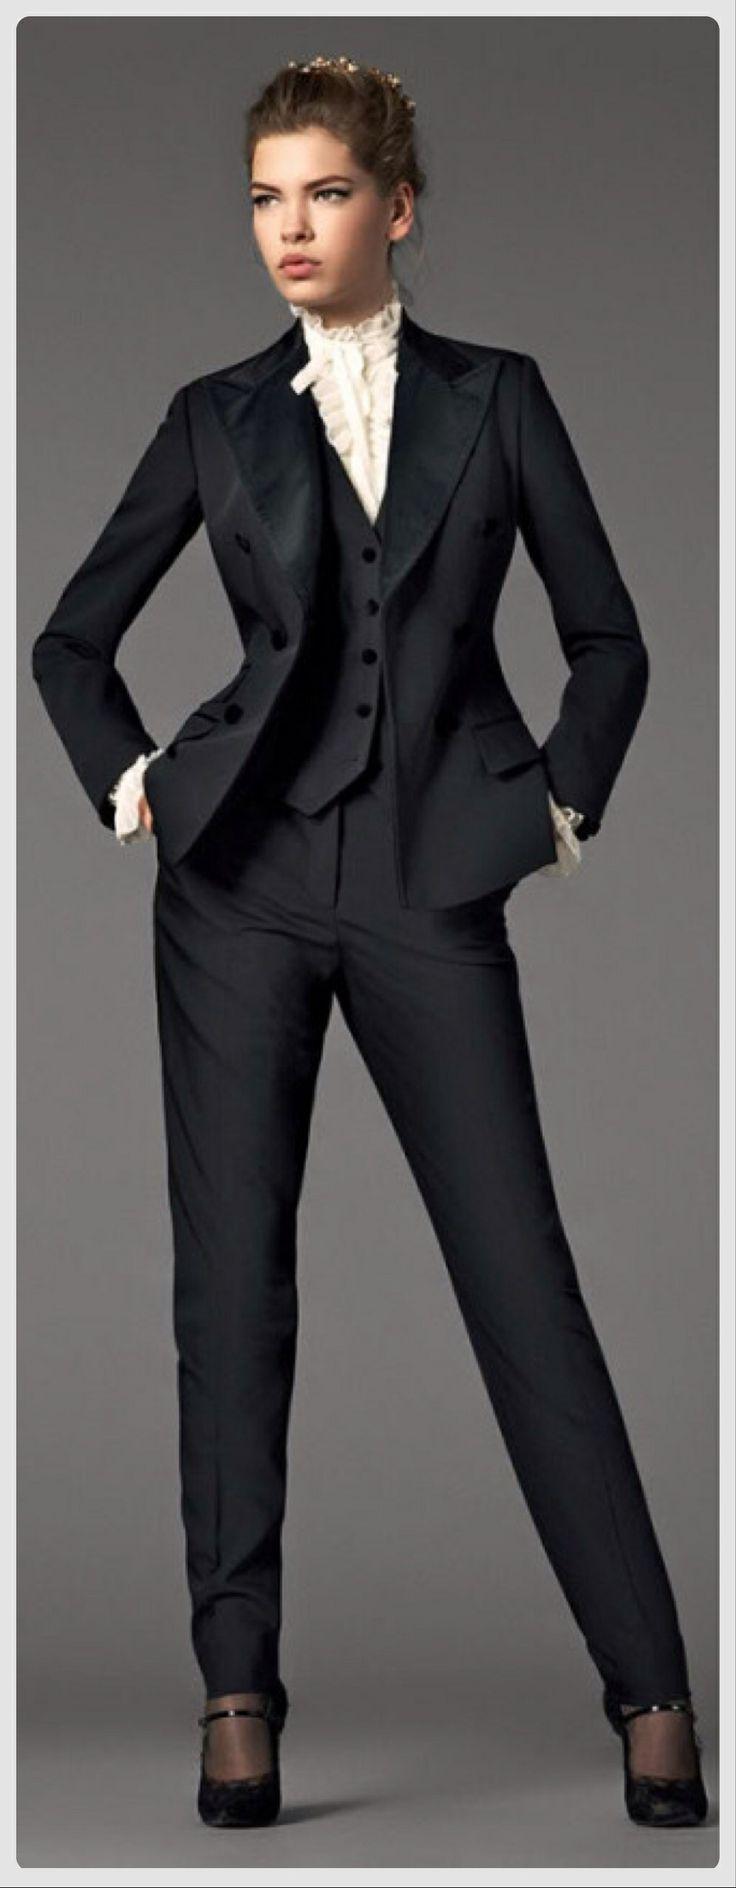 Street style // http://www.yasamtarziniz.com/bayan-klasik-elbise-modelleri/